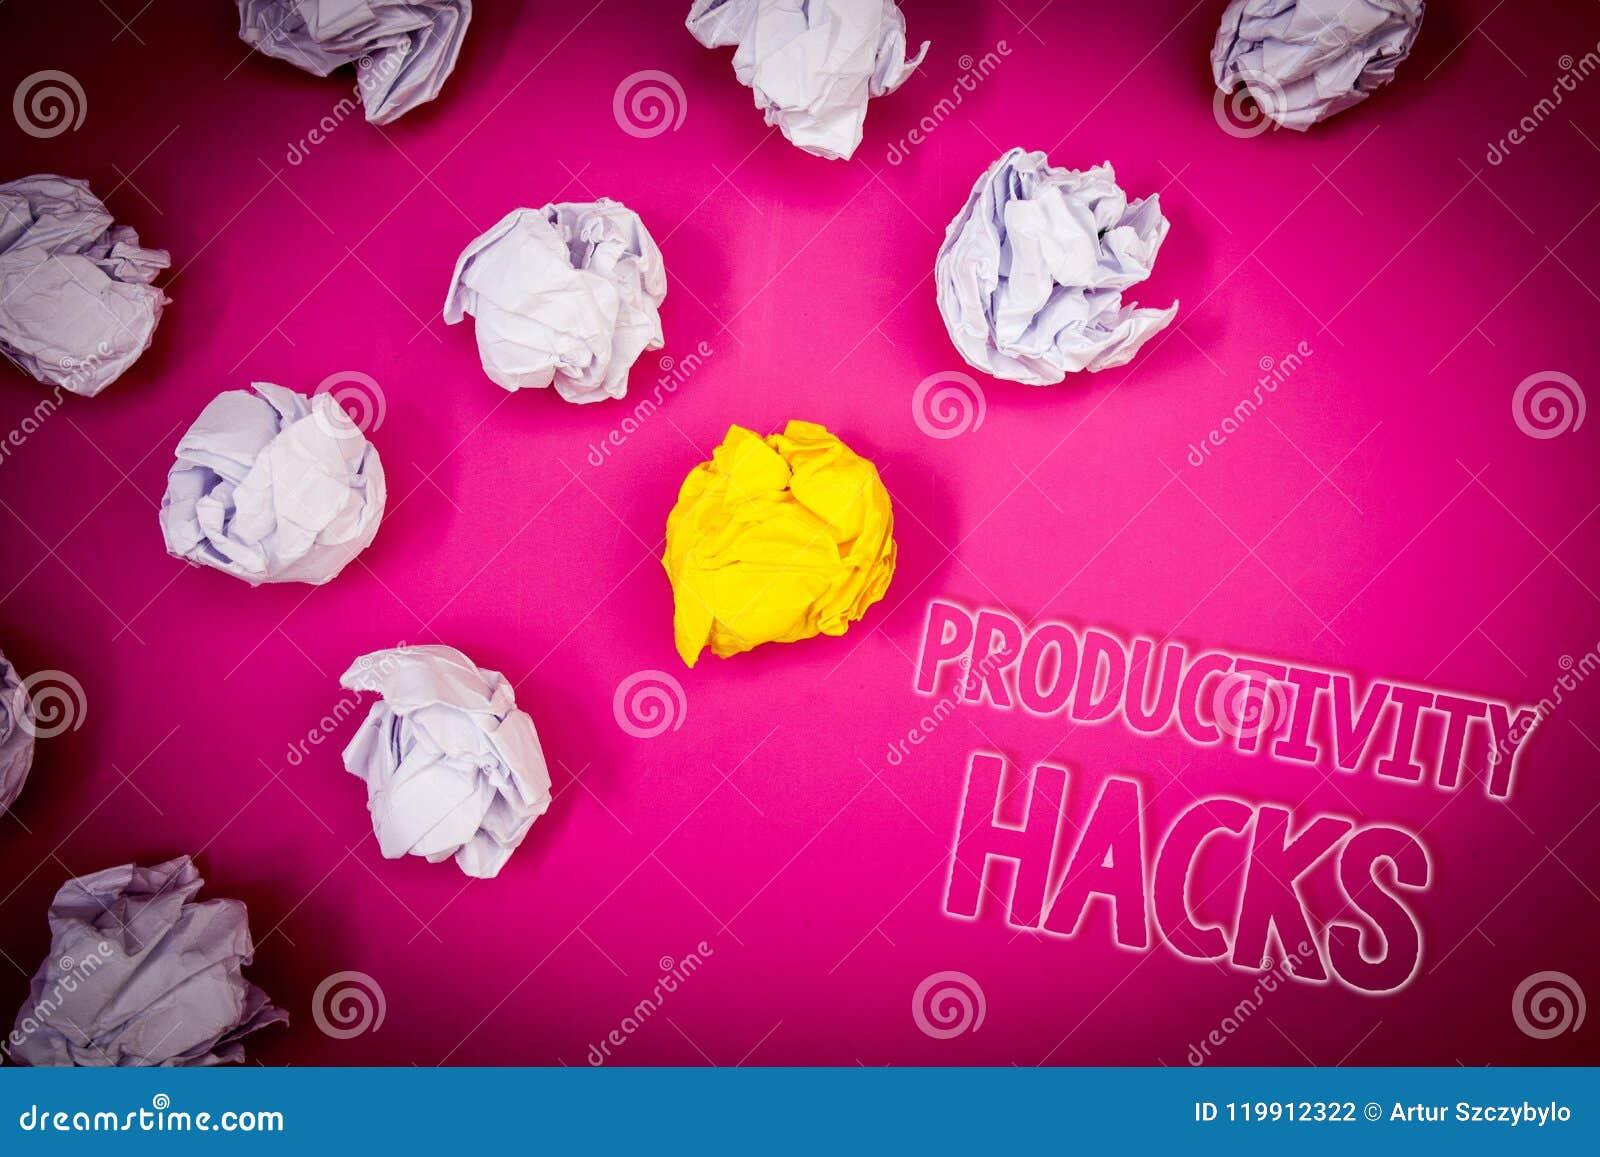 Pisać nutowych pokazuje produktywność kilofach Biznesowa fotografia pokazuje Siekający rozwiązanie metody porad wydajności produk